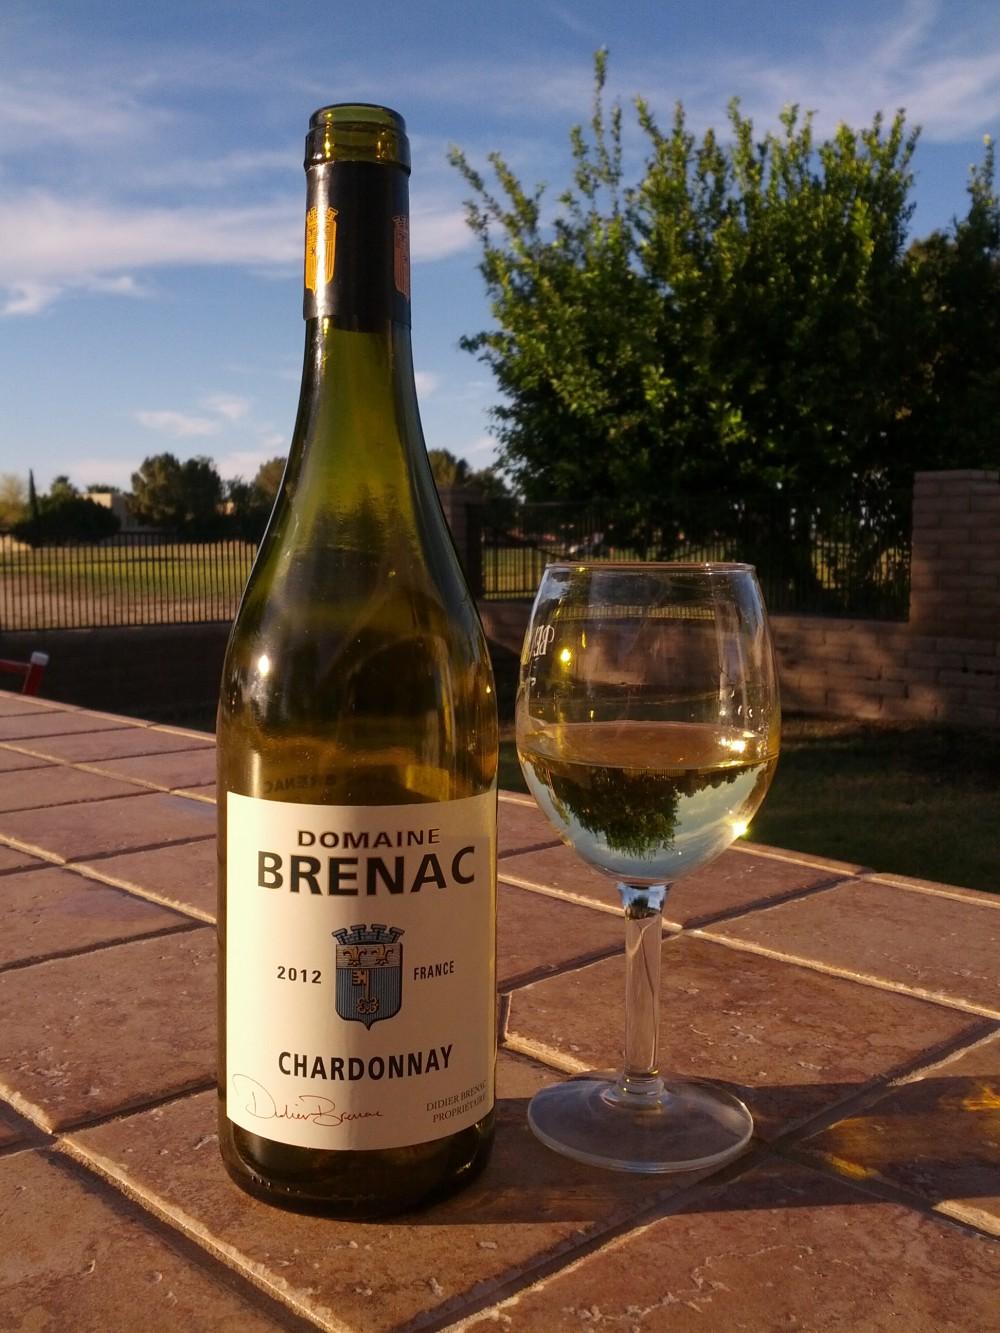 2012 Domaine Brenac Chardonnay, Vin de Pays d'Oc, France